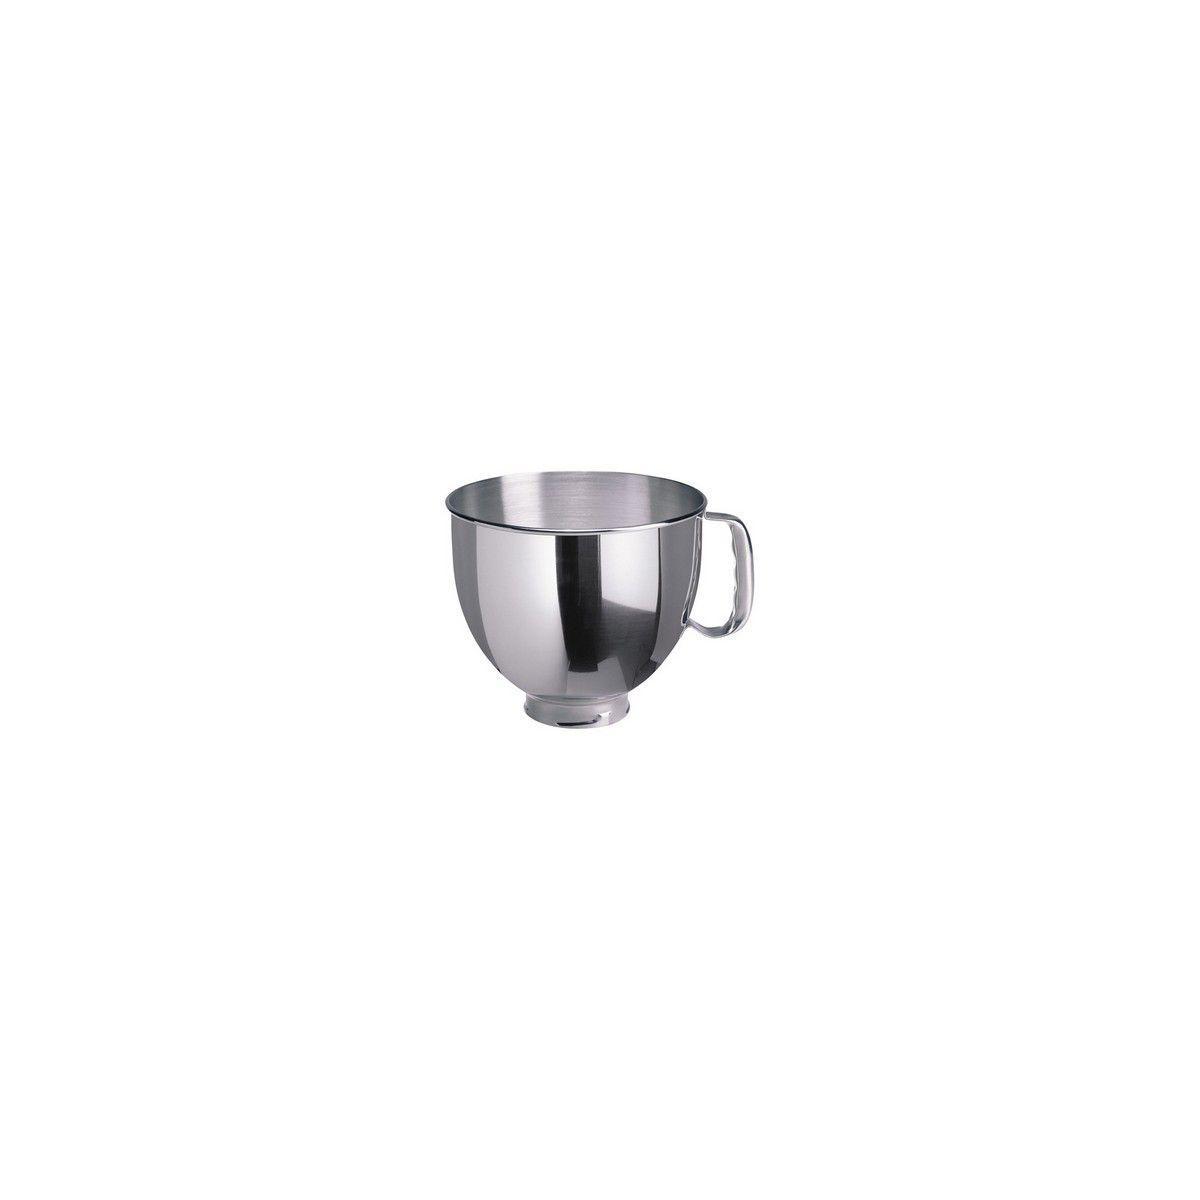 Bol kitchenaid 5k5thsbp bol 4.83 l (fourni) - livraison offerte : code premium (photo)